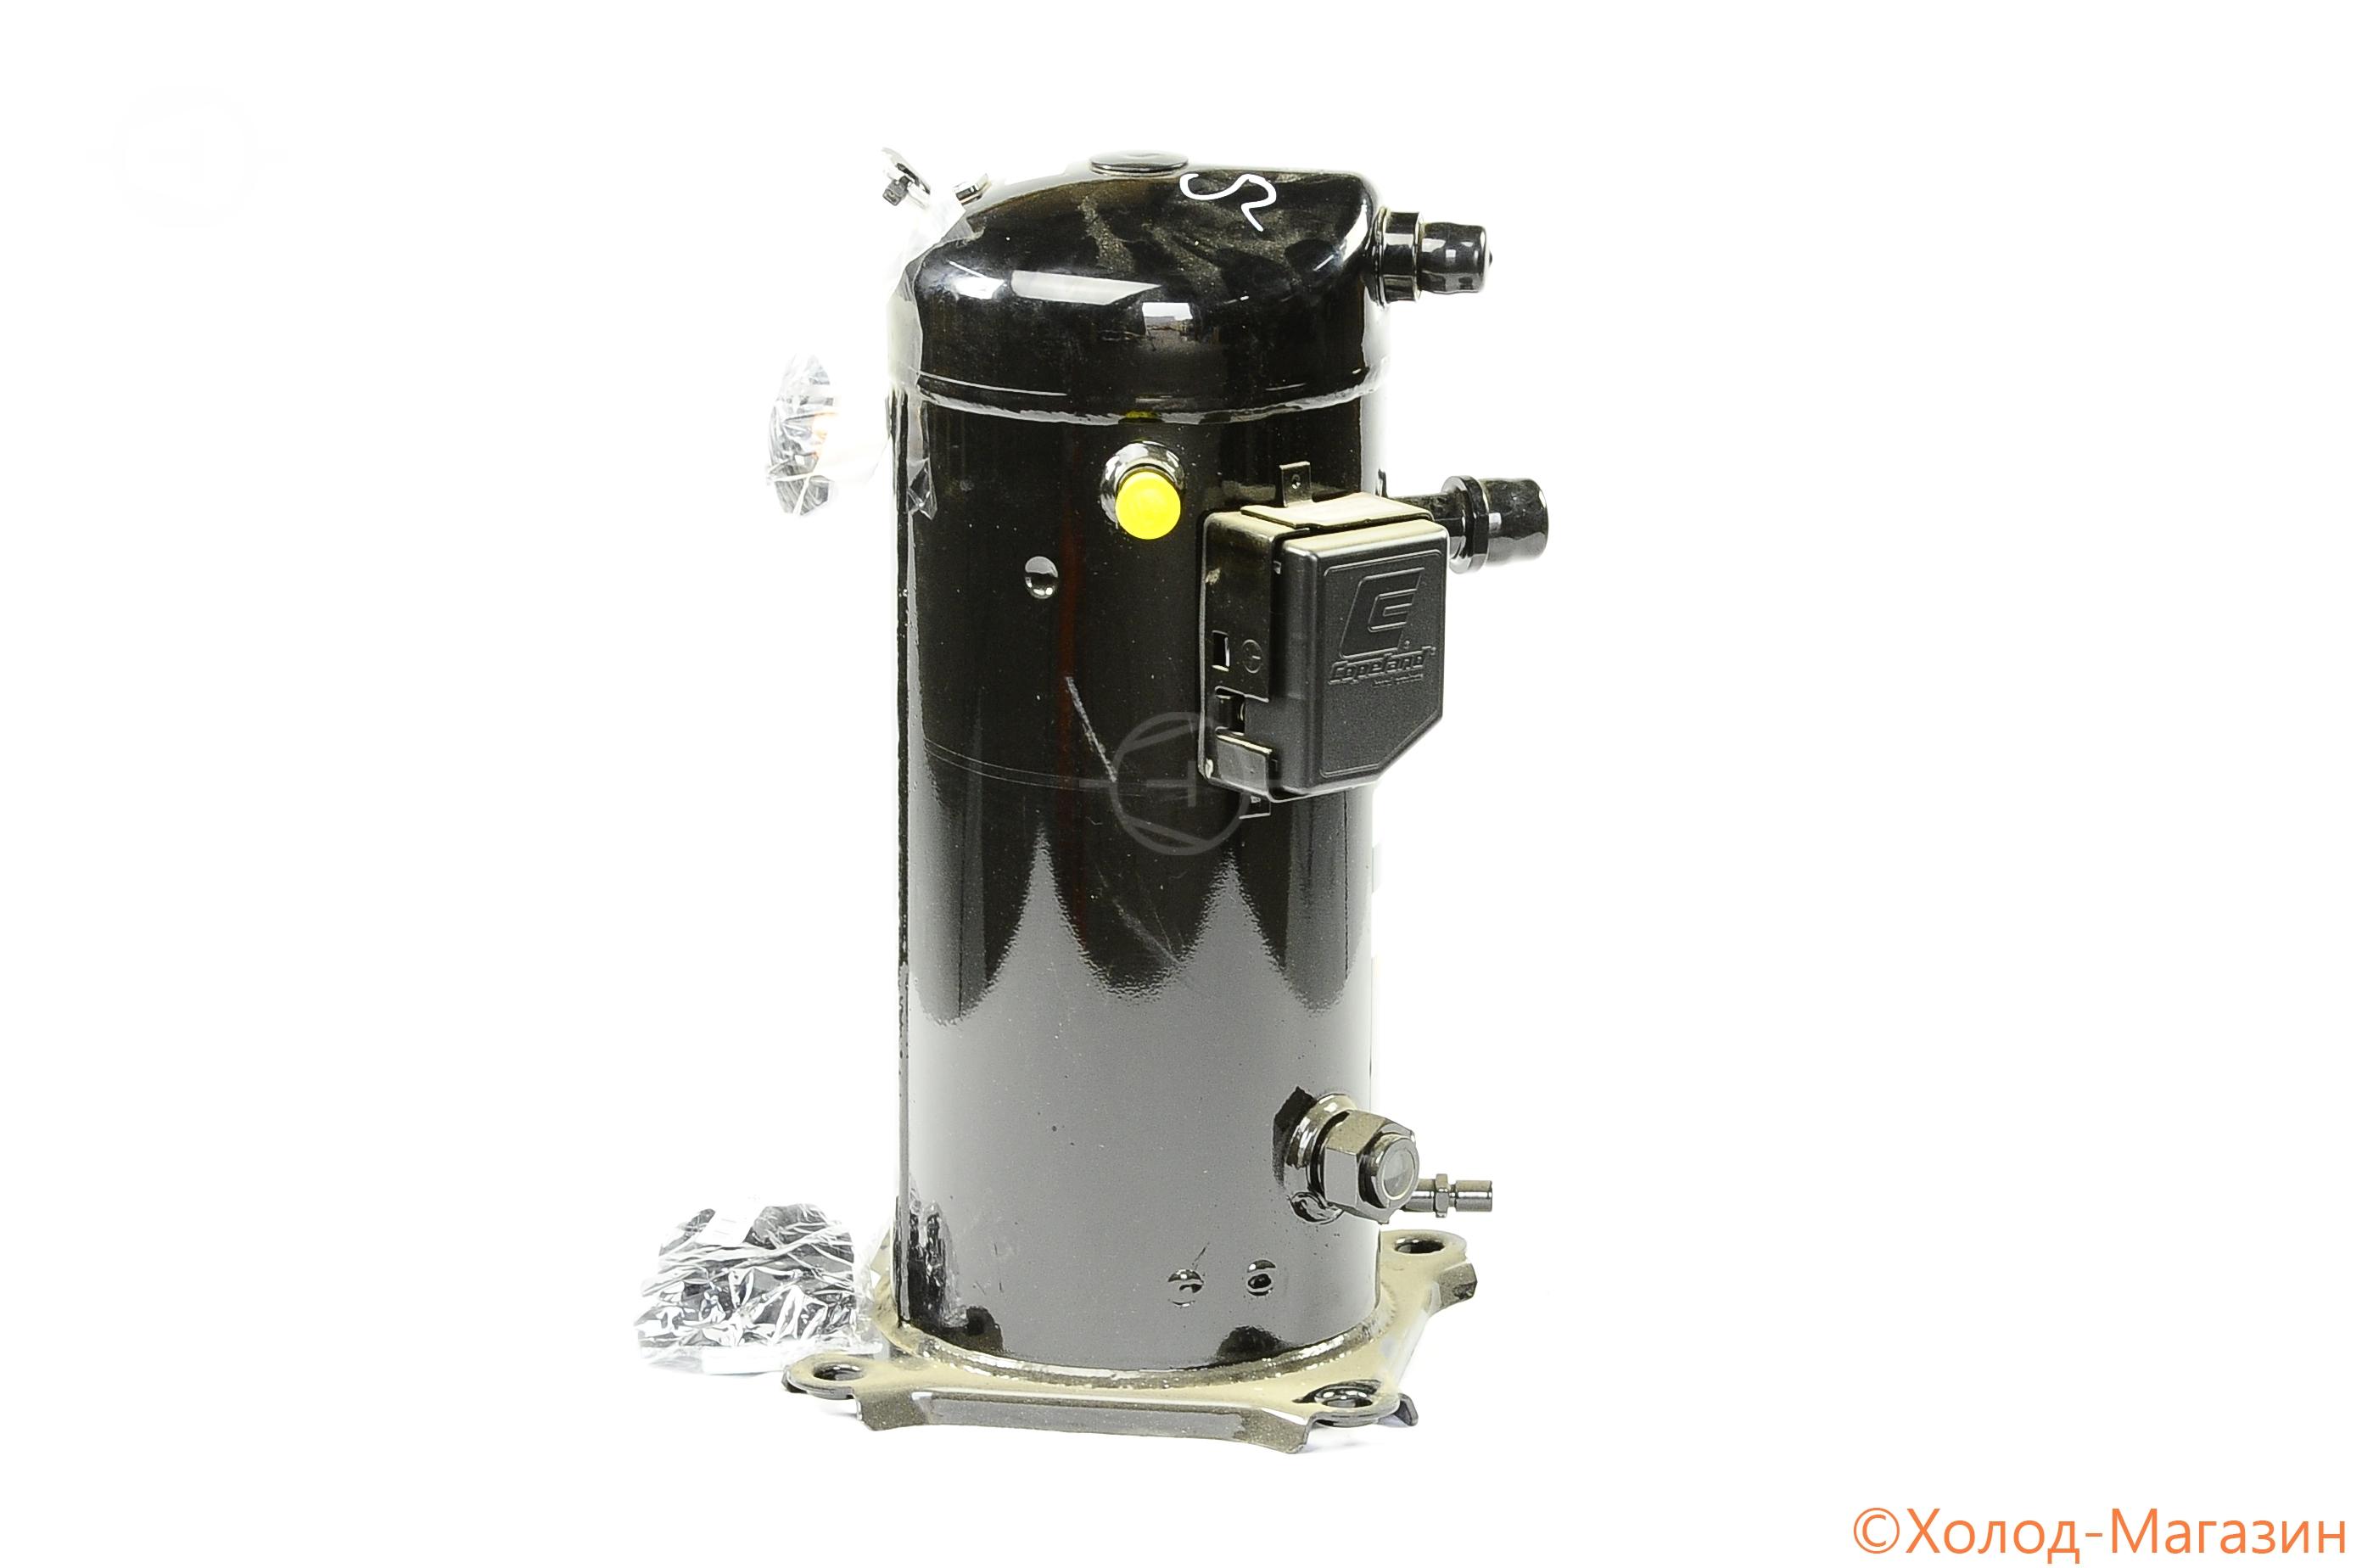 Компрессор спиральный ZF 13 K4E-TFD-556 Copeland (с вентилем DTC), Emerson